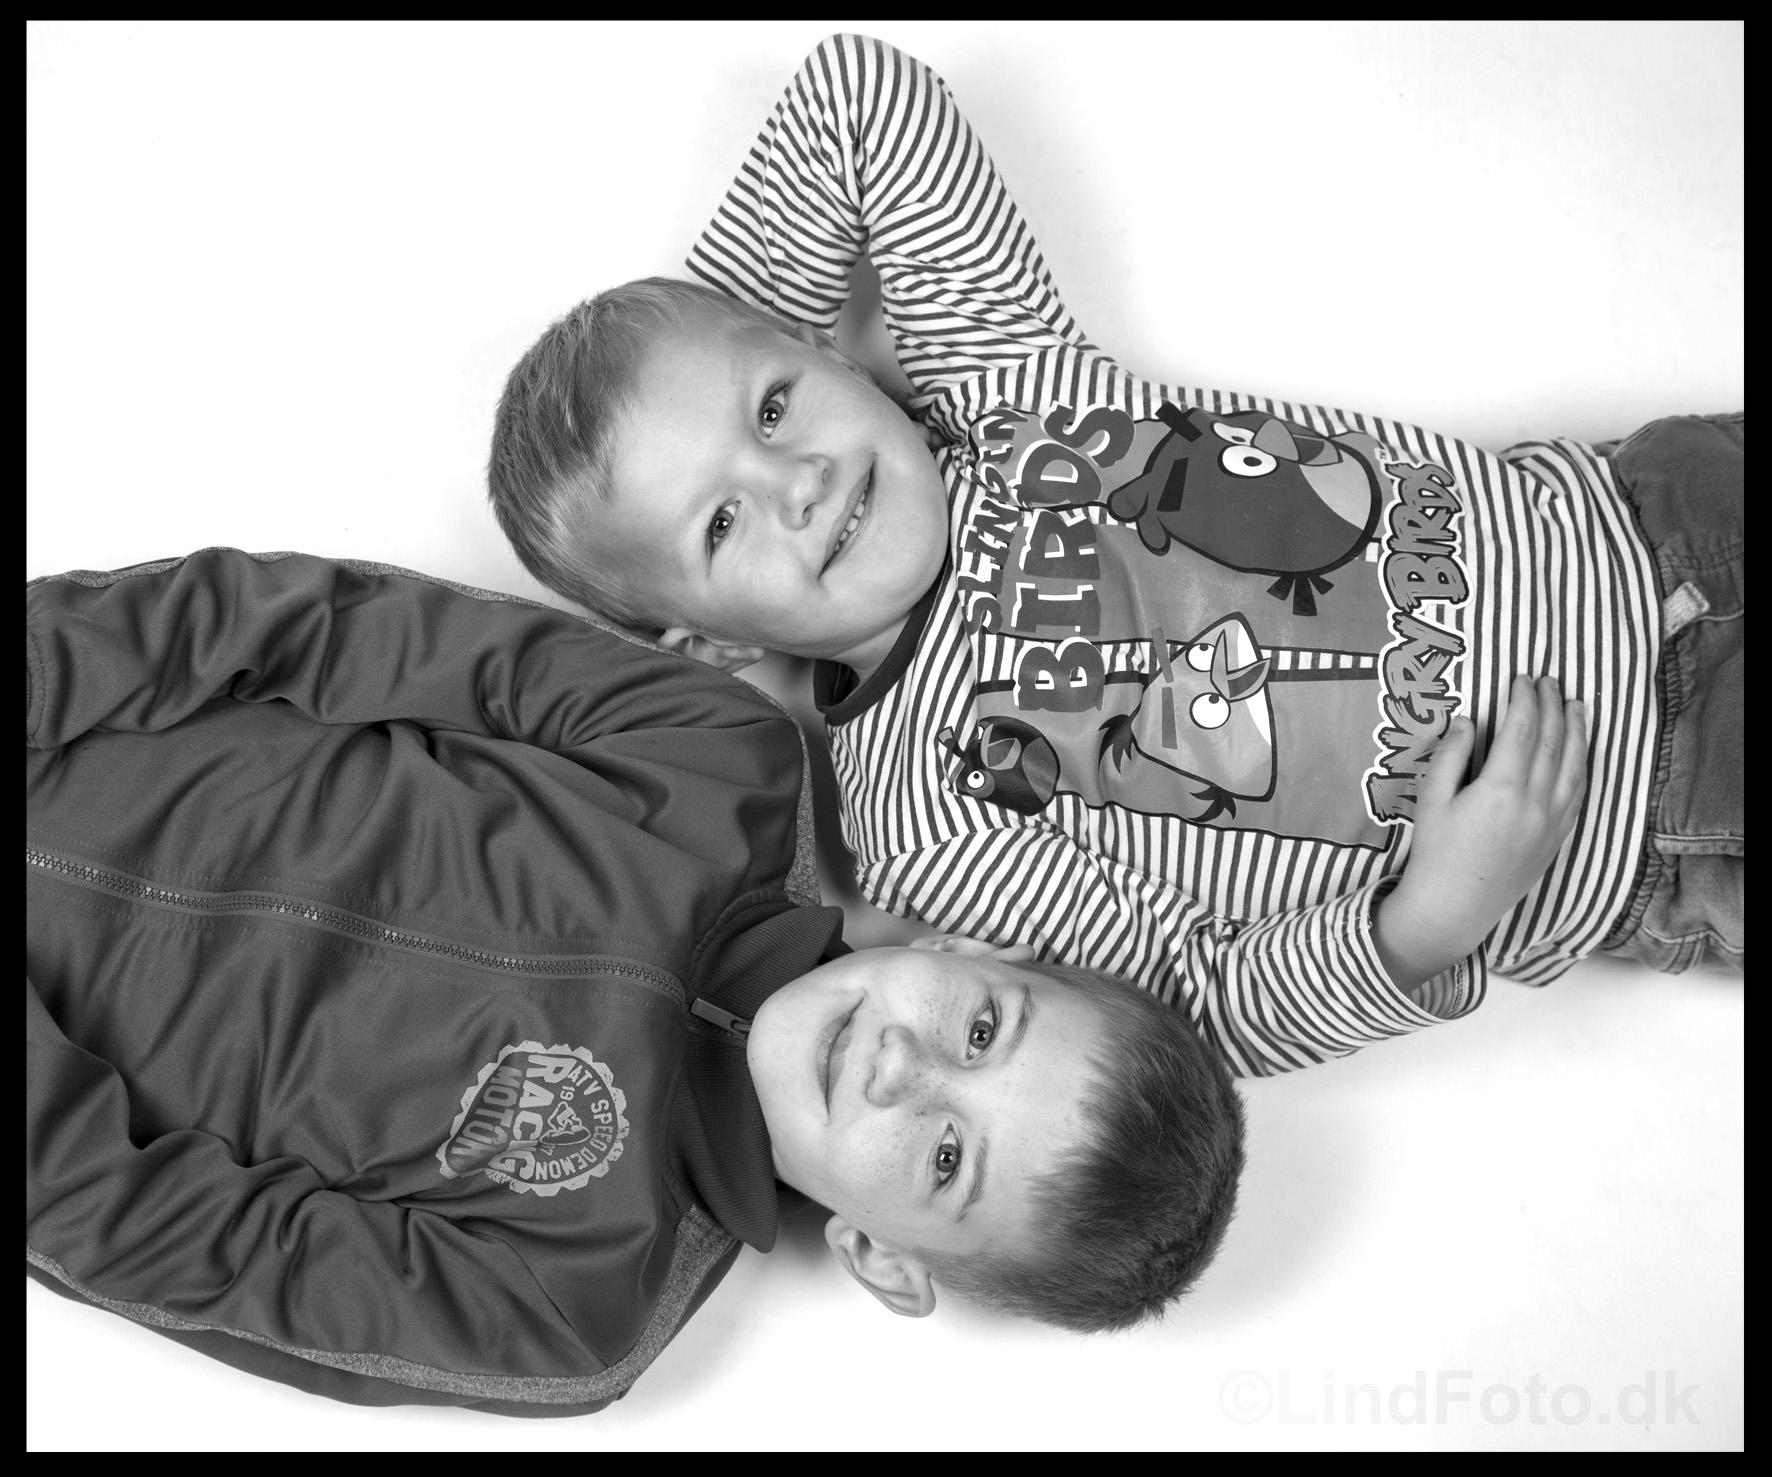 Børnefotografering - 2 drenge fra oven